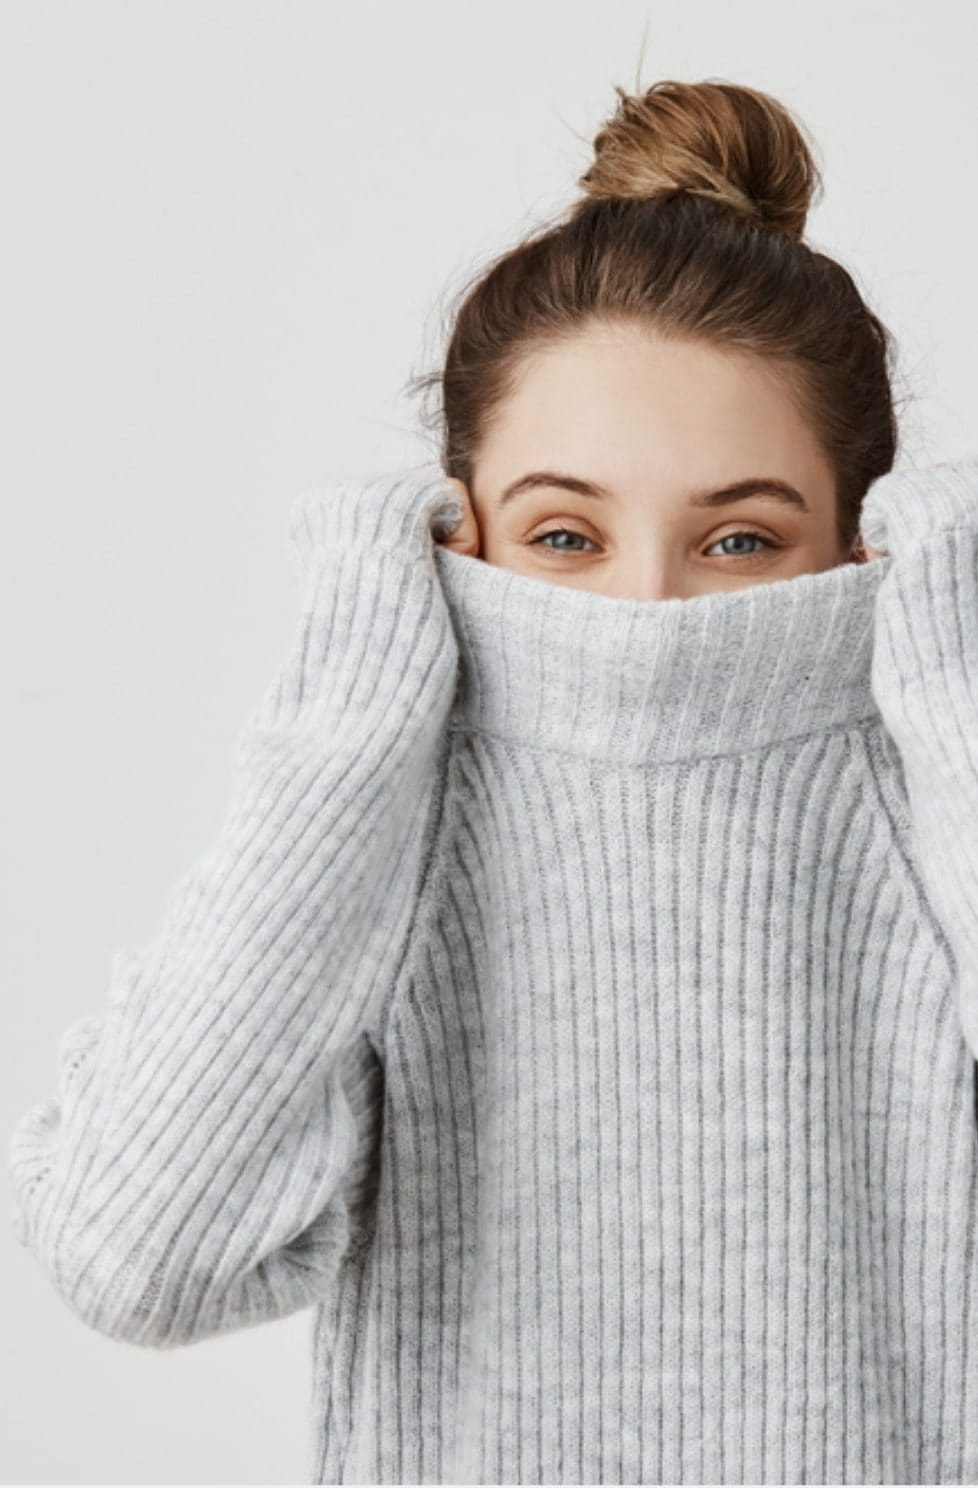 Fall oversized knits